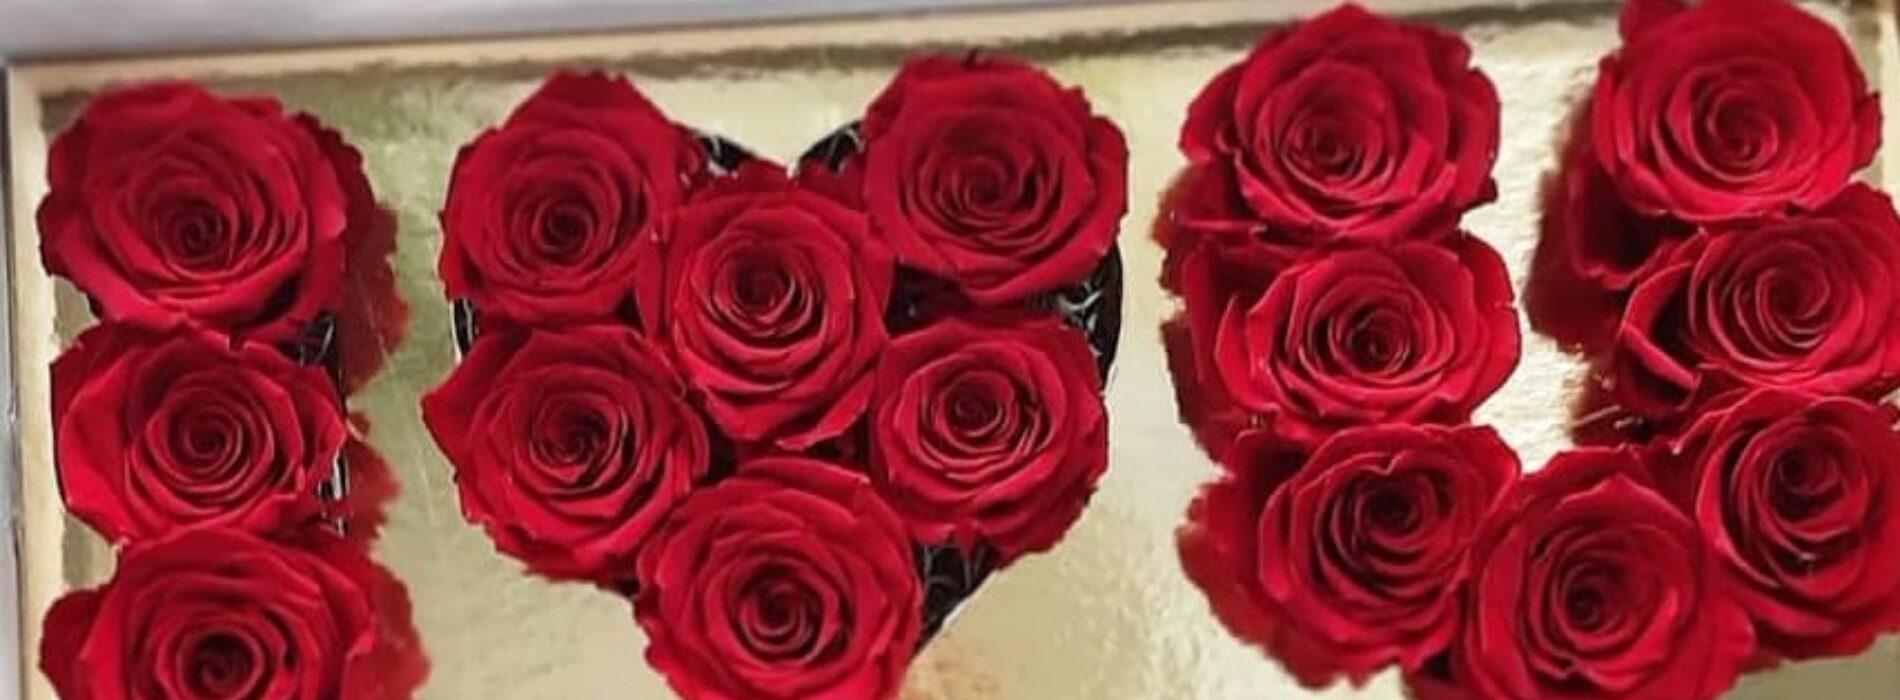 Rose rosse per San Valentino, il modo migliore per dire ti amo